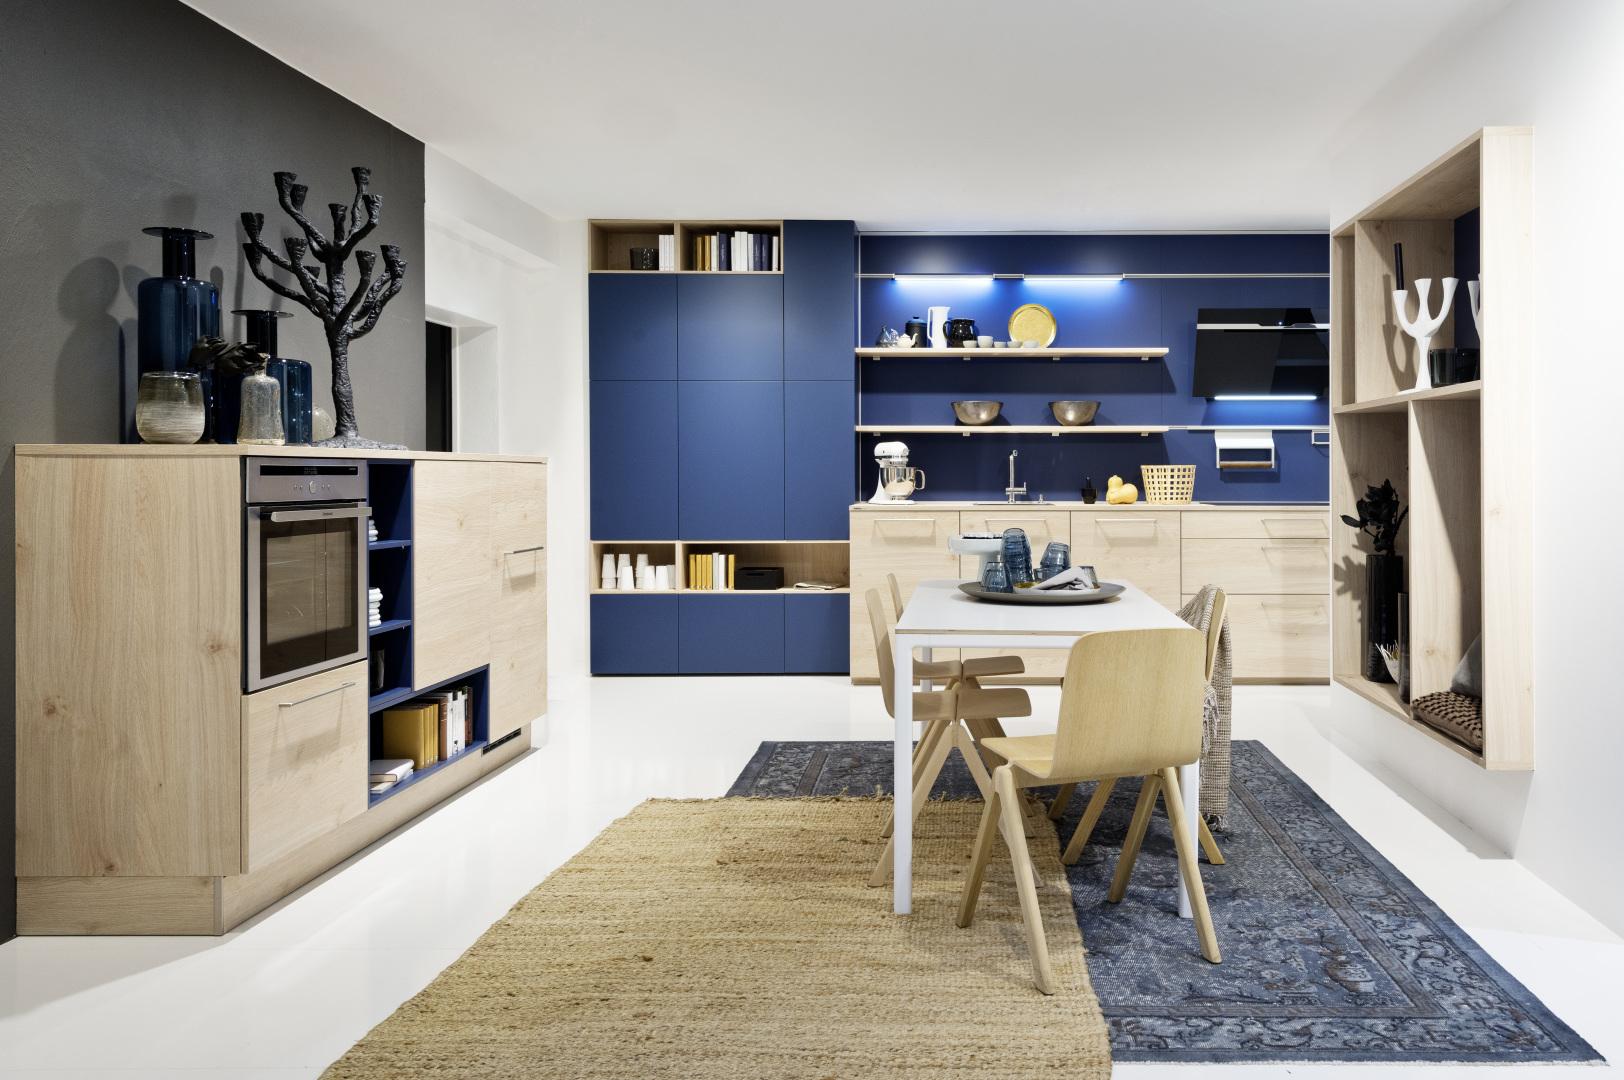 kuchnia nolte w ciepłych barwach i funkcjonalnej przestrzeni